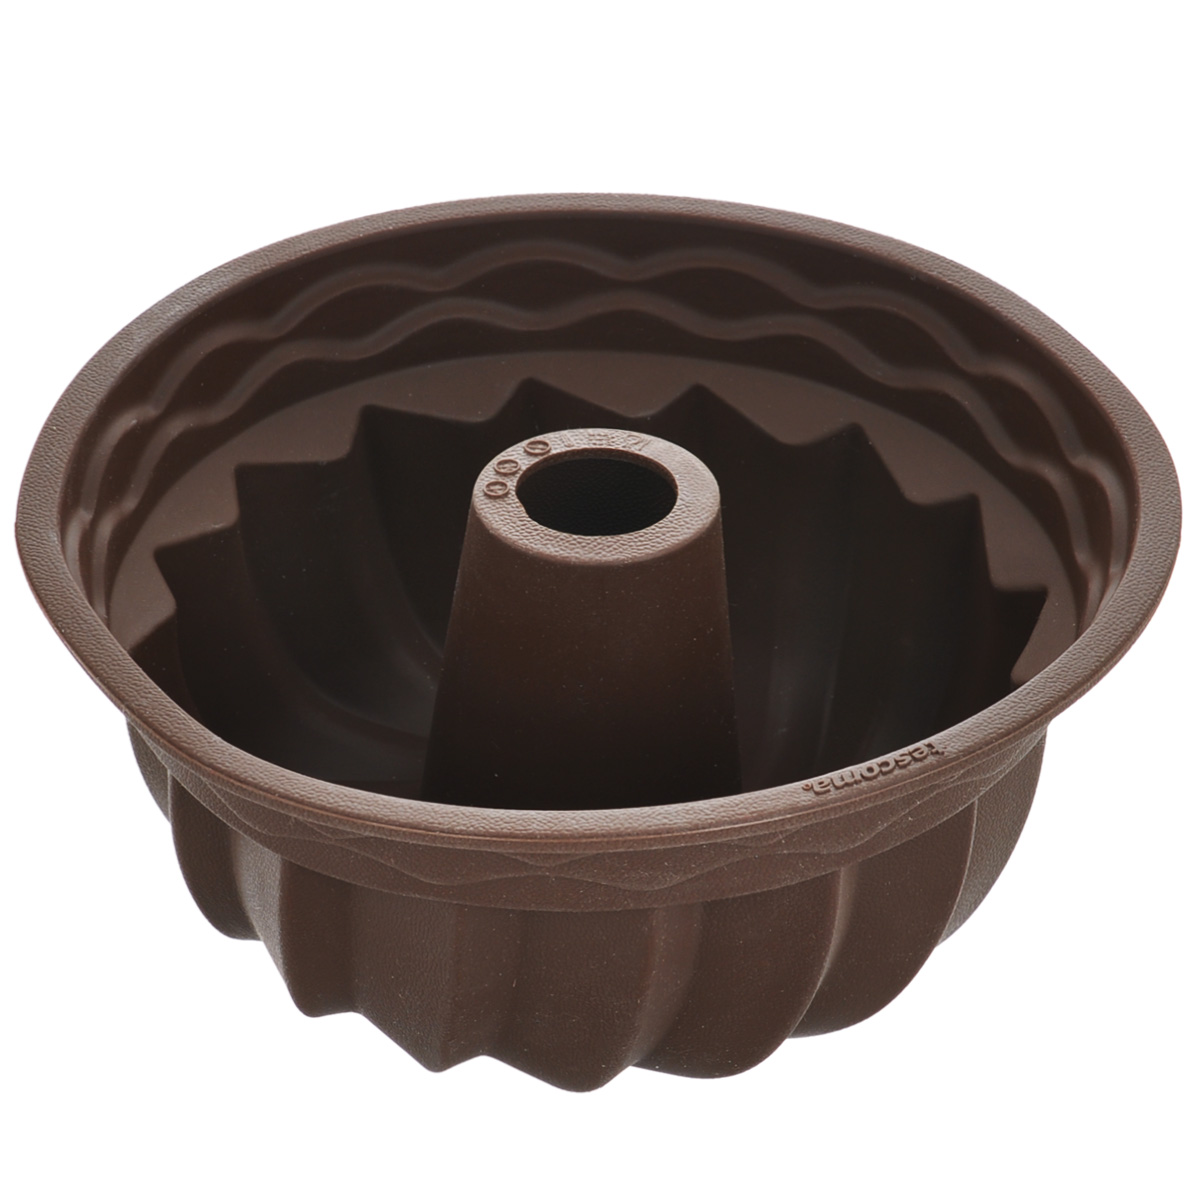 Форма для выпечки кекса Tescoma Delicia Silicone, круглая, цвет: коричневый, диаметр 24 см629224Круглая форма Tescoma Delicia Silicone будет отличным выбором для всех любителей выпечки. Благодаря тому, что форма изготовлена из силикона, готовую выпечку вынимать легко и просто. Стенки формы оснащены рельефной поверхностью. Форма прекрасно подходит для выпечки кексов. С такой формой вы всегда сможете порадовать своих близких оригинальной выпечкой. Материал изделия устойчив к фруктовым кислотам, может быть использован в духовках, микроволновых печах, холодильниках и морозильных камерах (выдерживает температуру от -40°C до 230°C). Антипригарные свойства материала позволяют готовить без использования масла.Можно мыть и сушить в посудомоечной машине. При работе с формой используйте кухонный инструмент из силикона - кисти, лопатки, скребки. Не ставьте форму на электрическую конфорку. Не разрезайте выпечку прямо в форме.